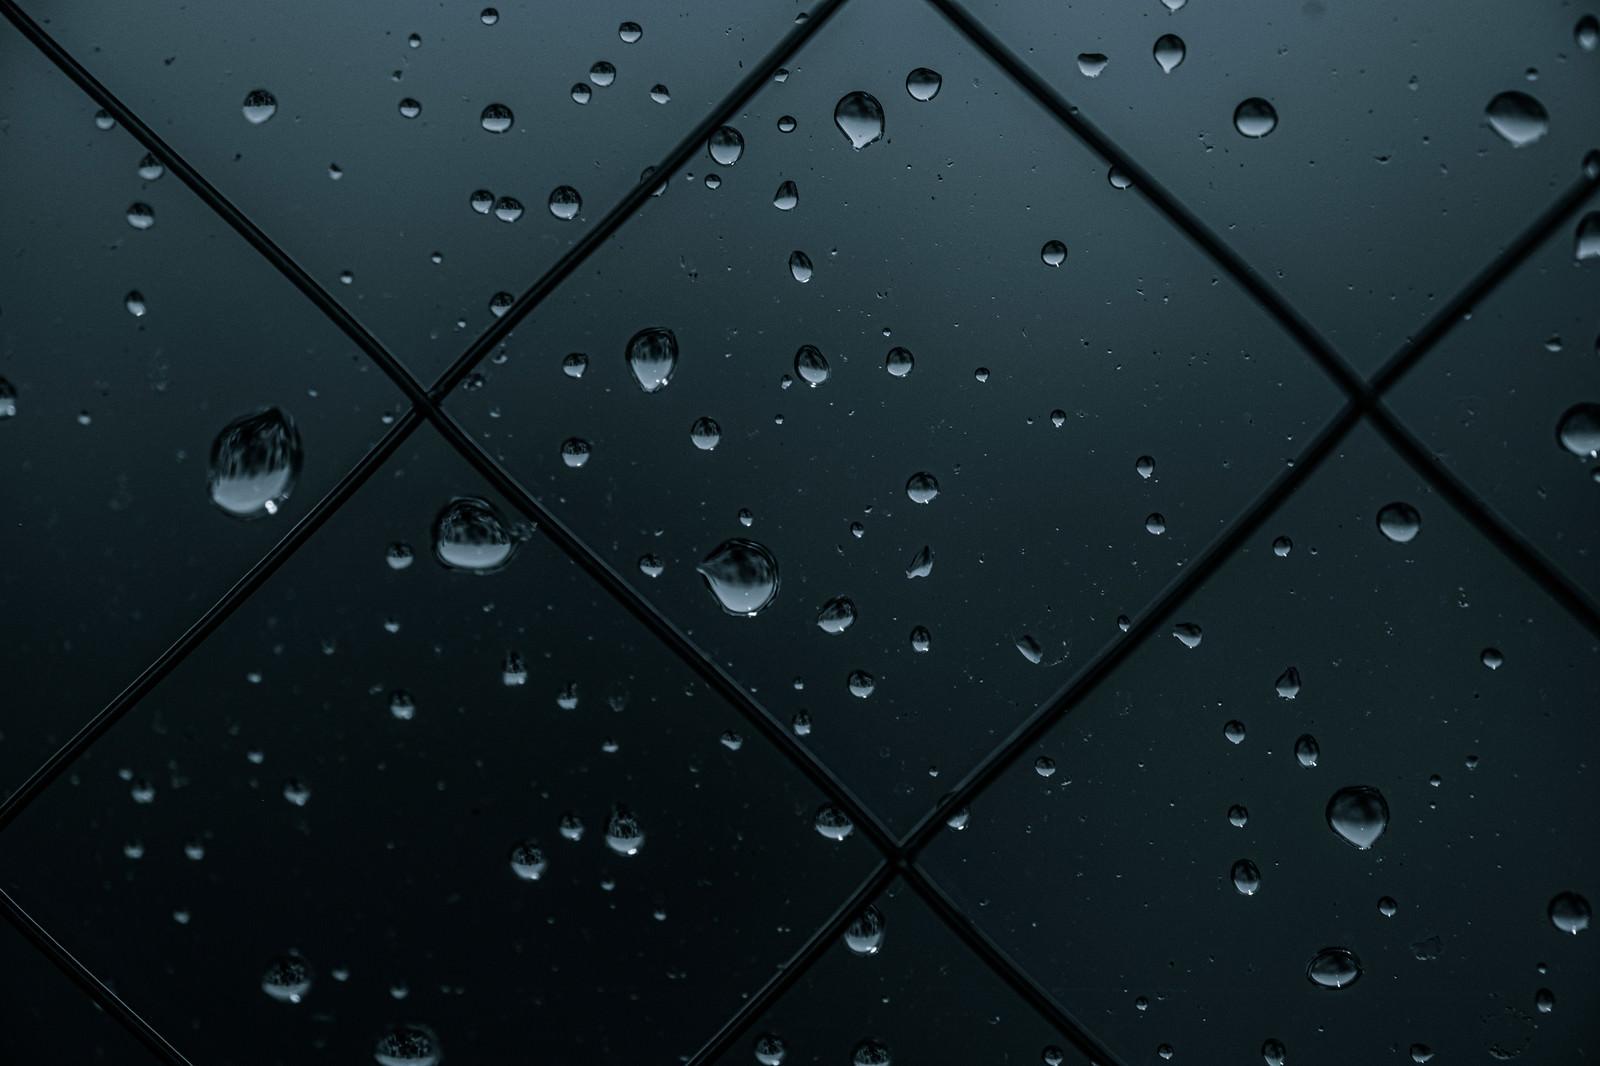 「薄暗い窓と水滴」の写真